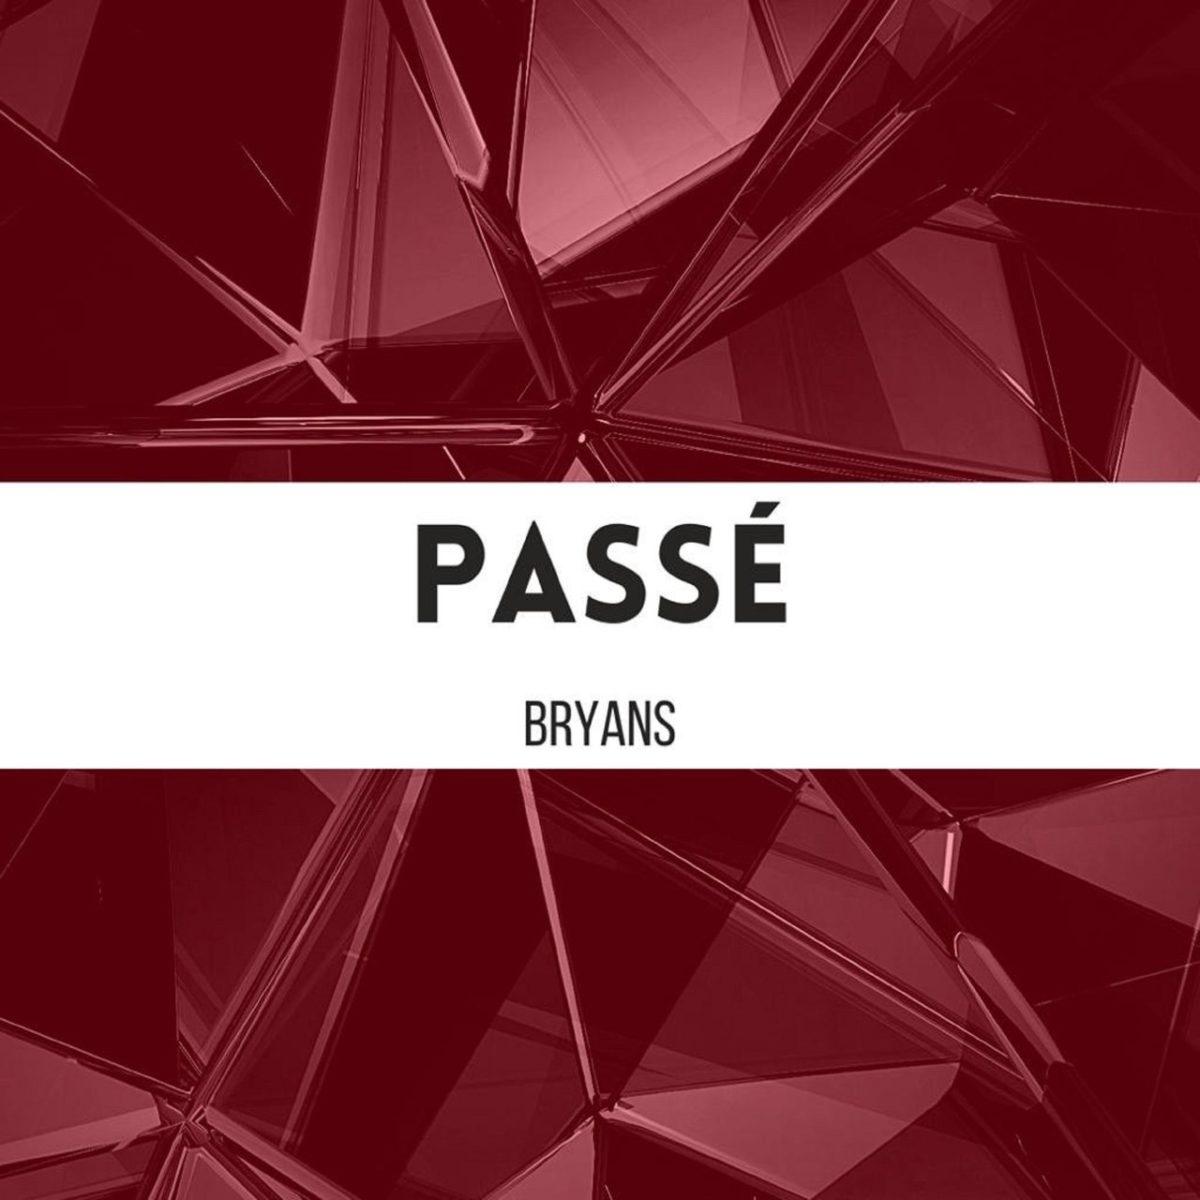 Bryans - Passé (Cover)